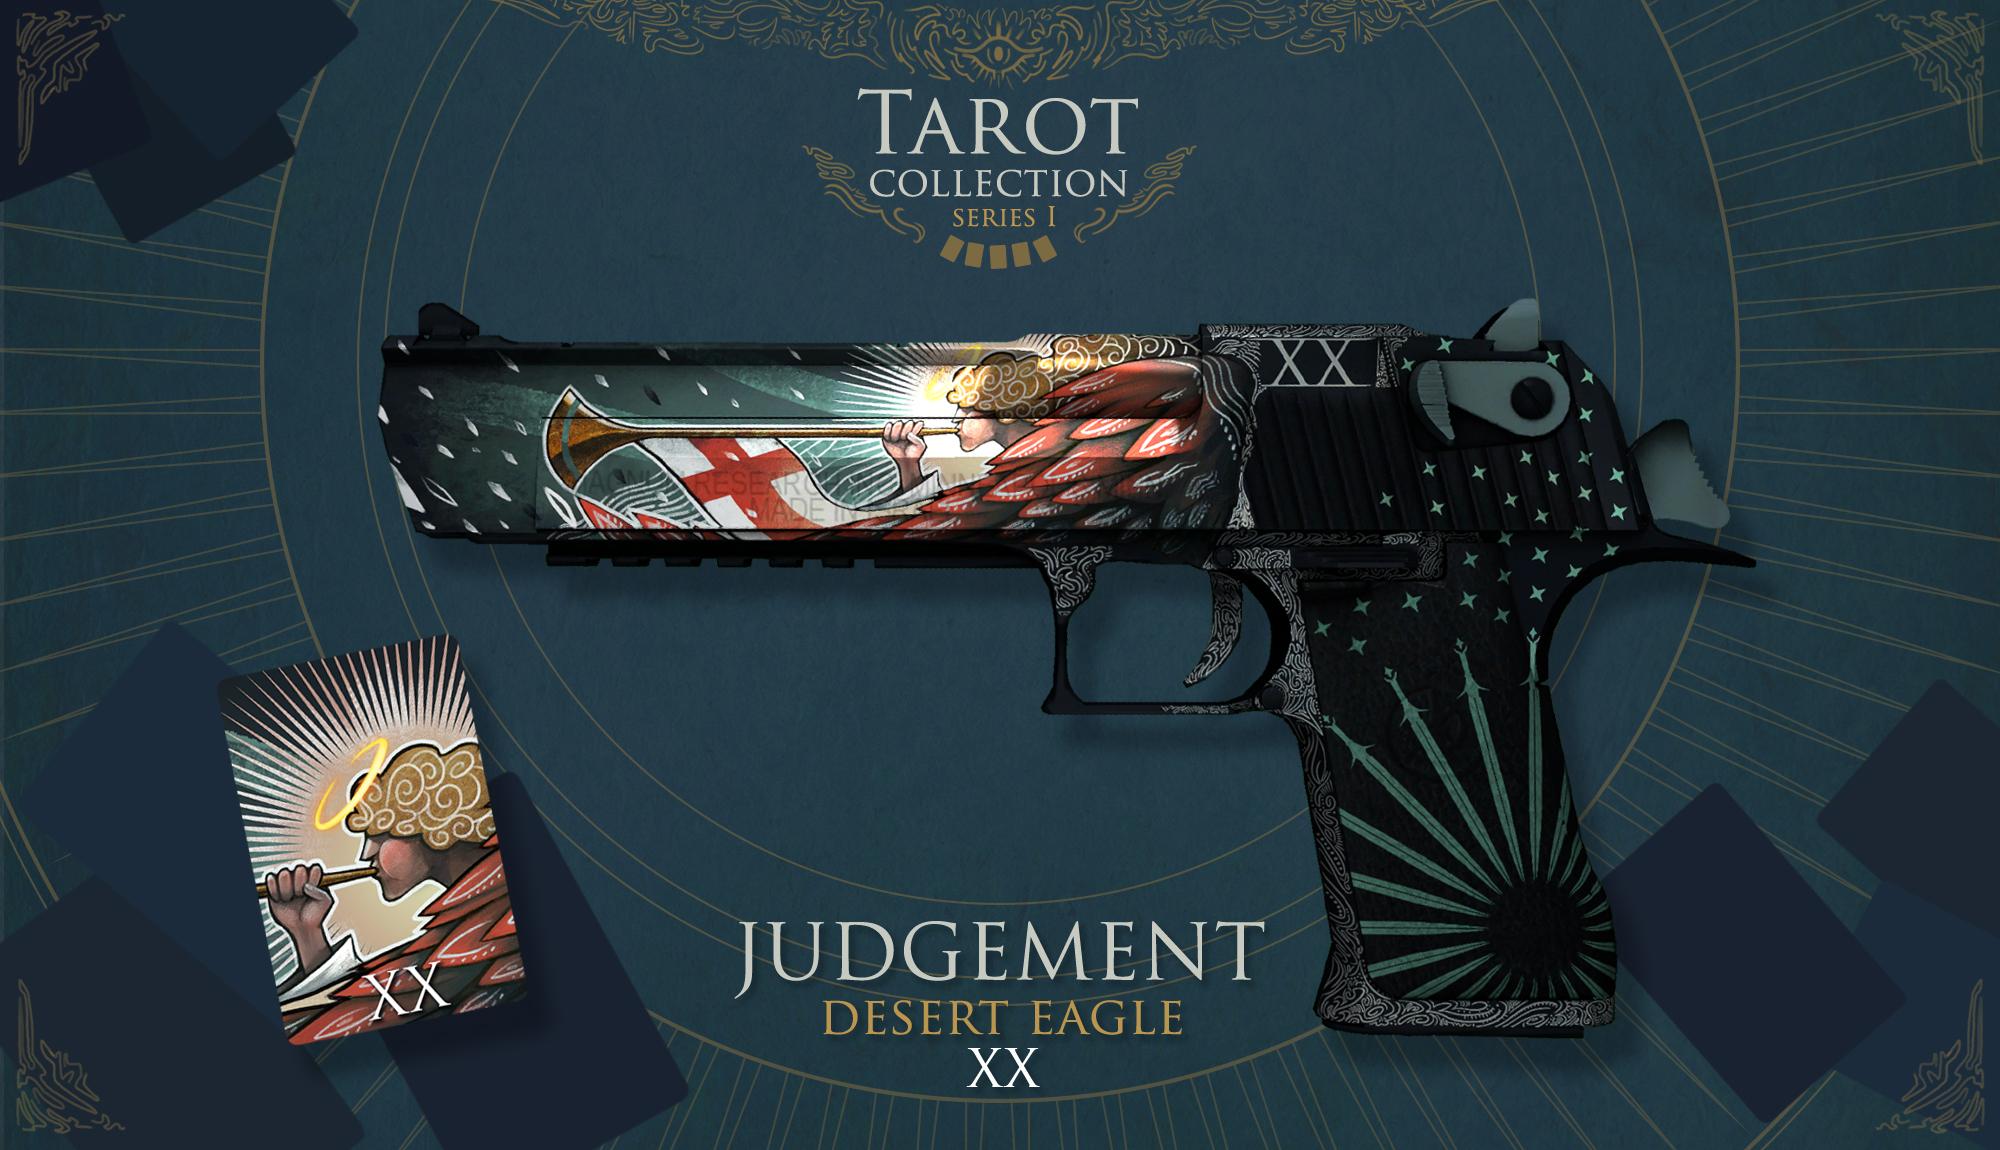 5 best desert eagle skins judgement 3